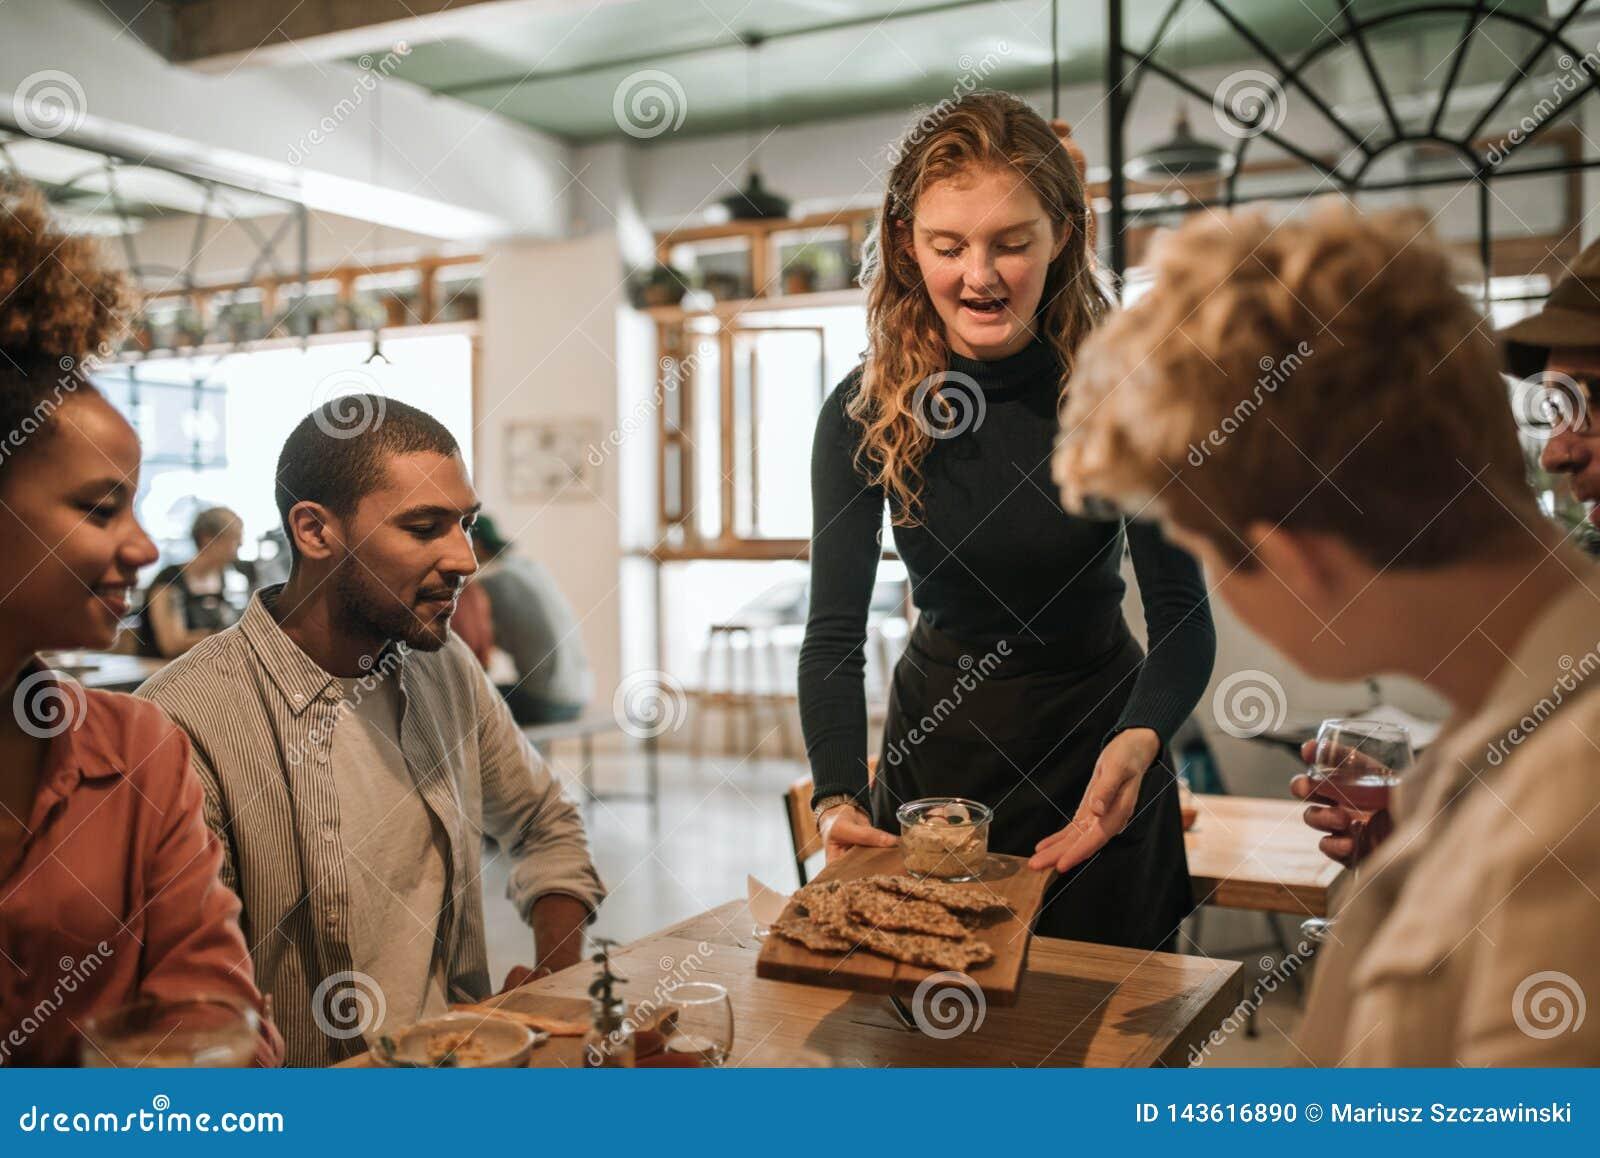 Le servitrins som kommer med mat till en tabell av kunder